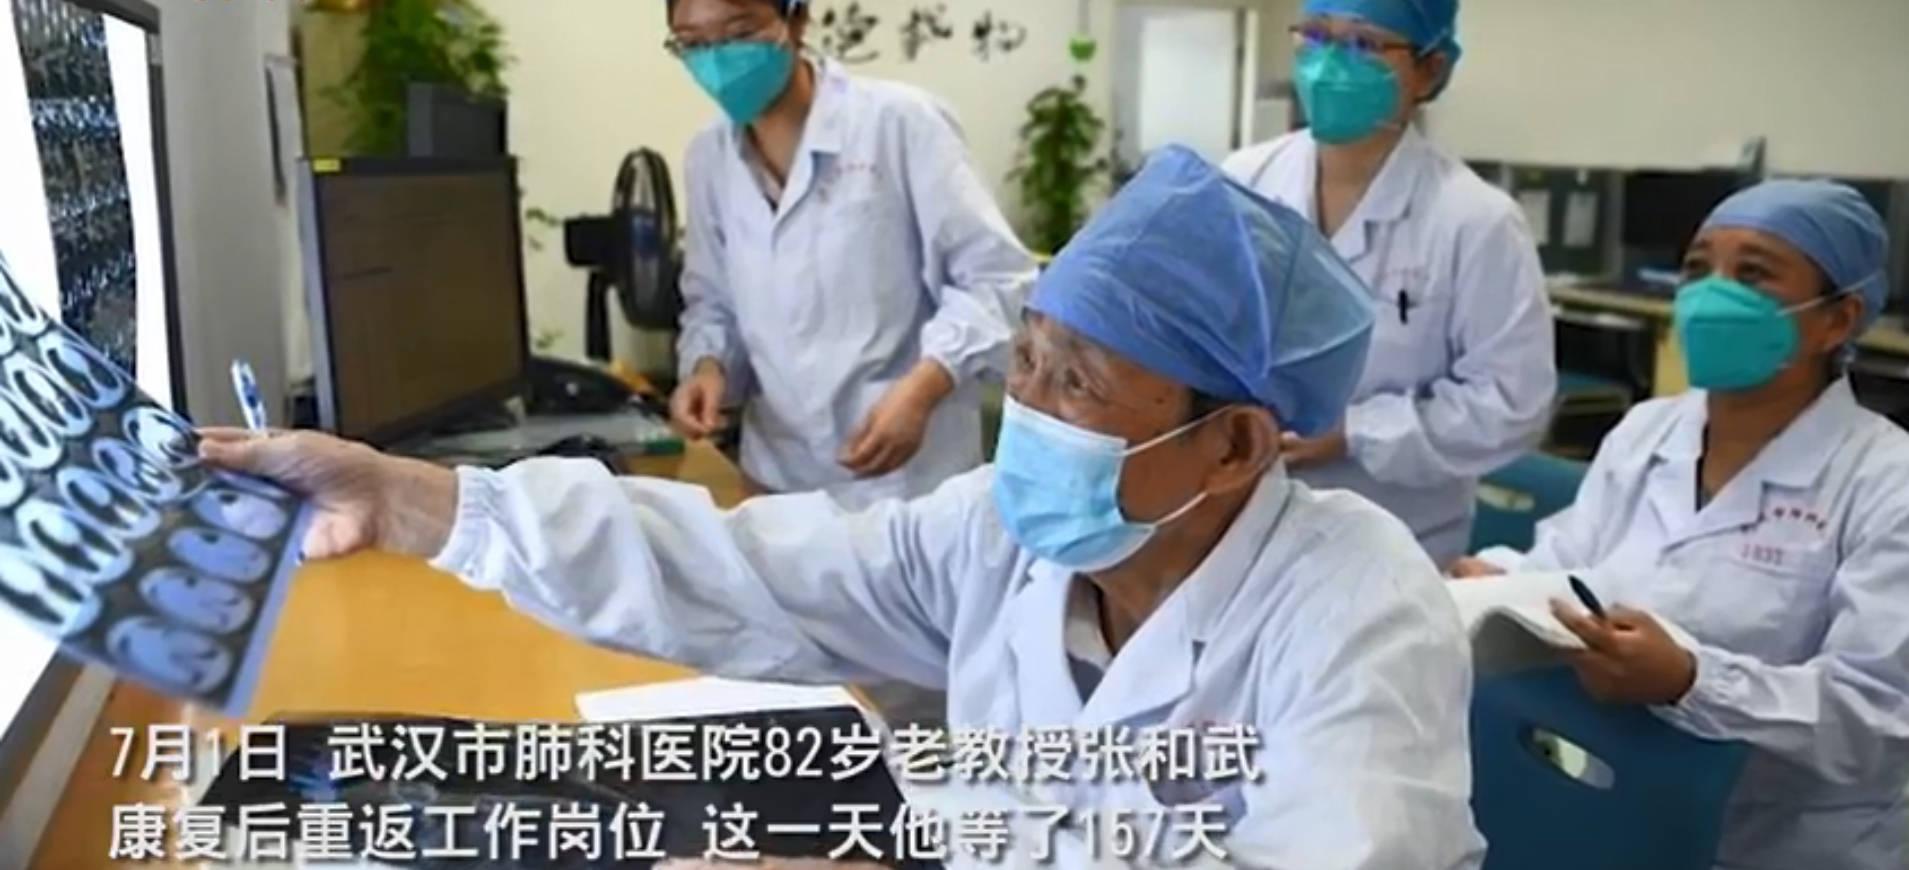 武汉82岁医生新冠肺炎治愈返岗 最年长医生康复!